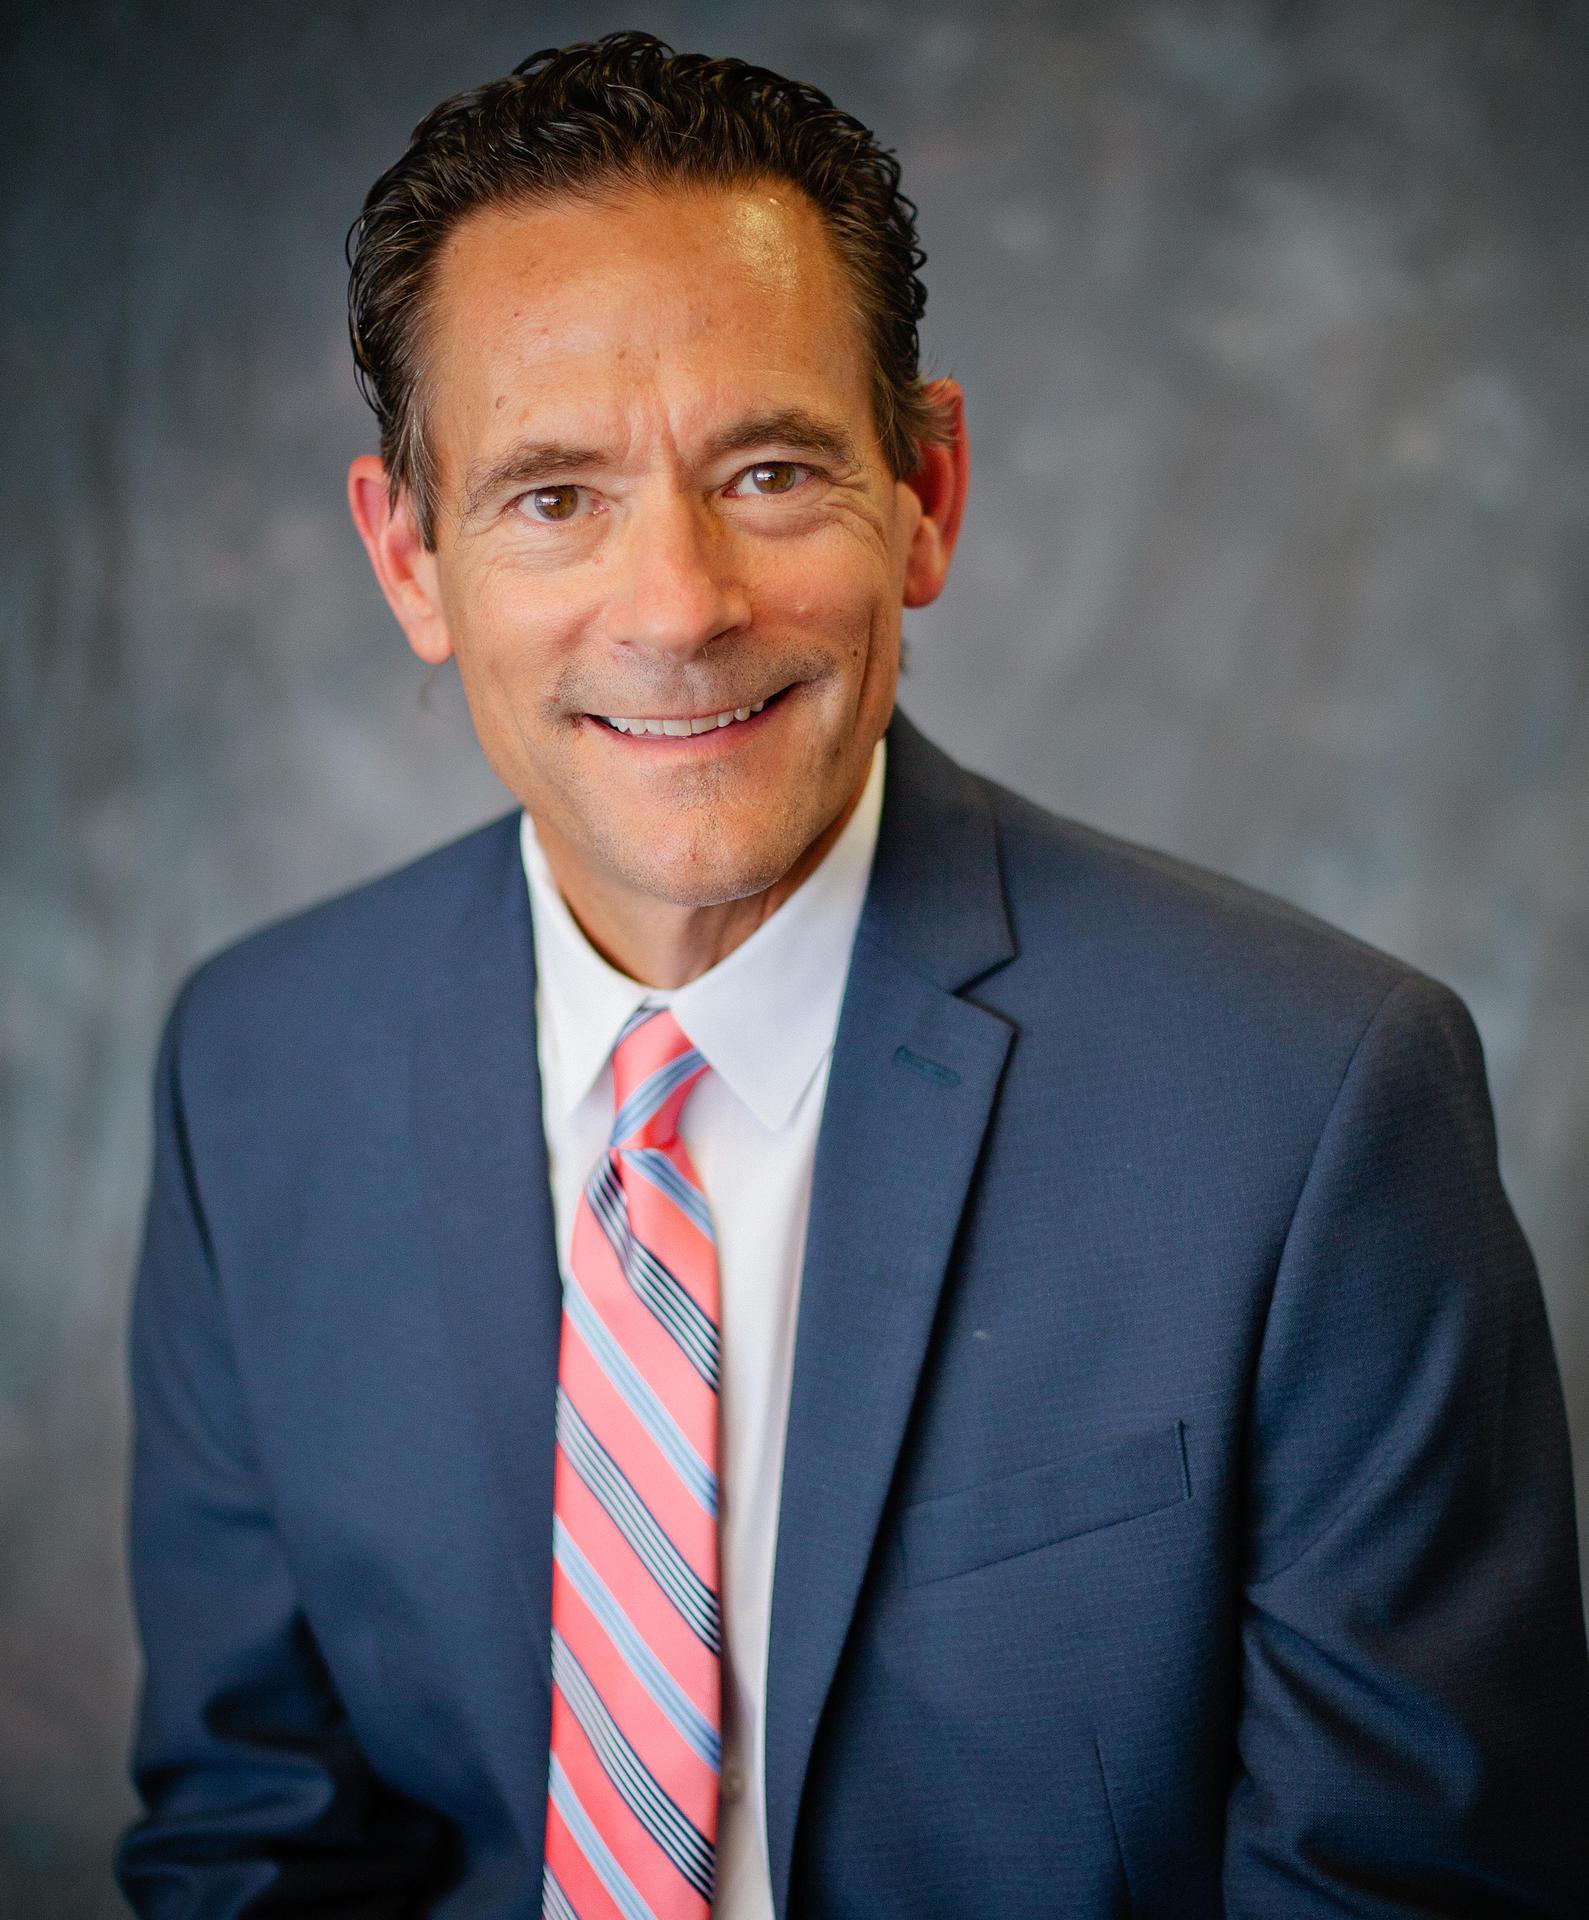 Dr. Dean Evans